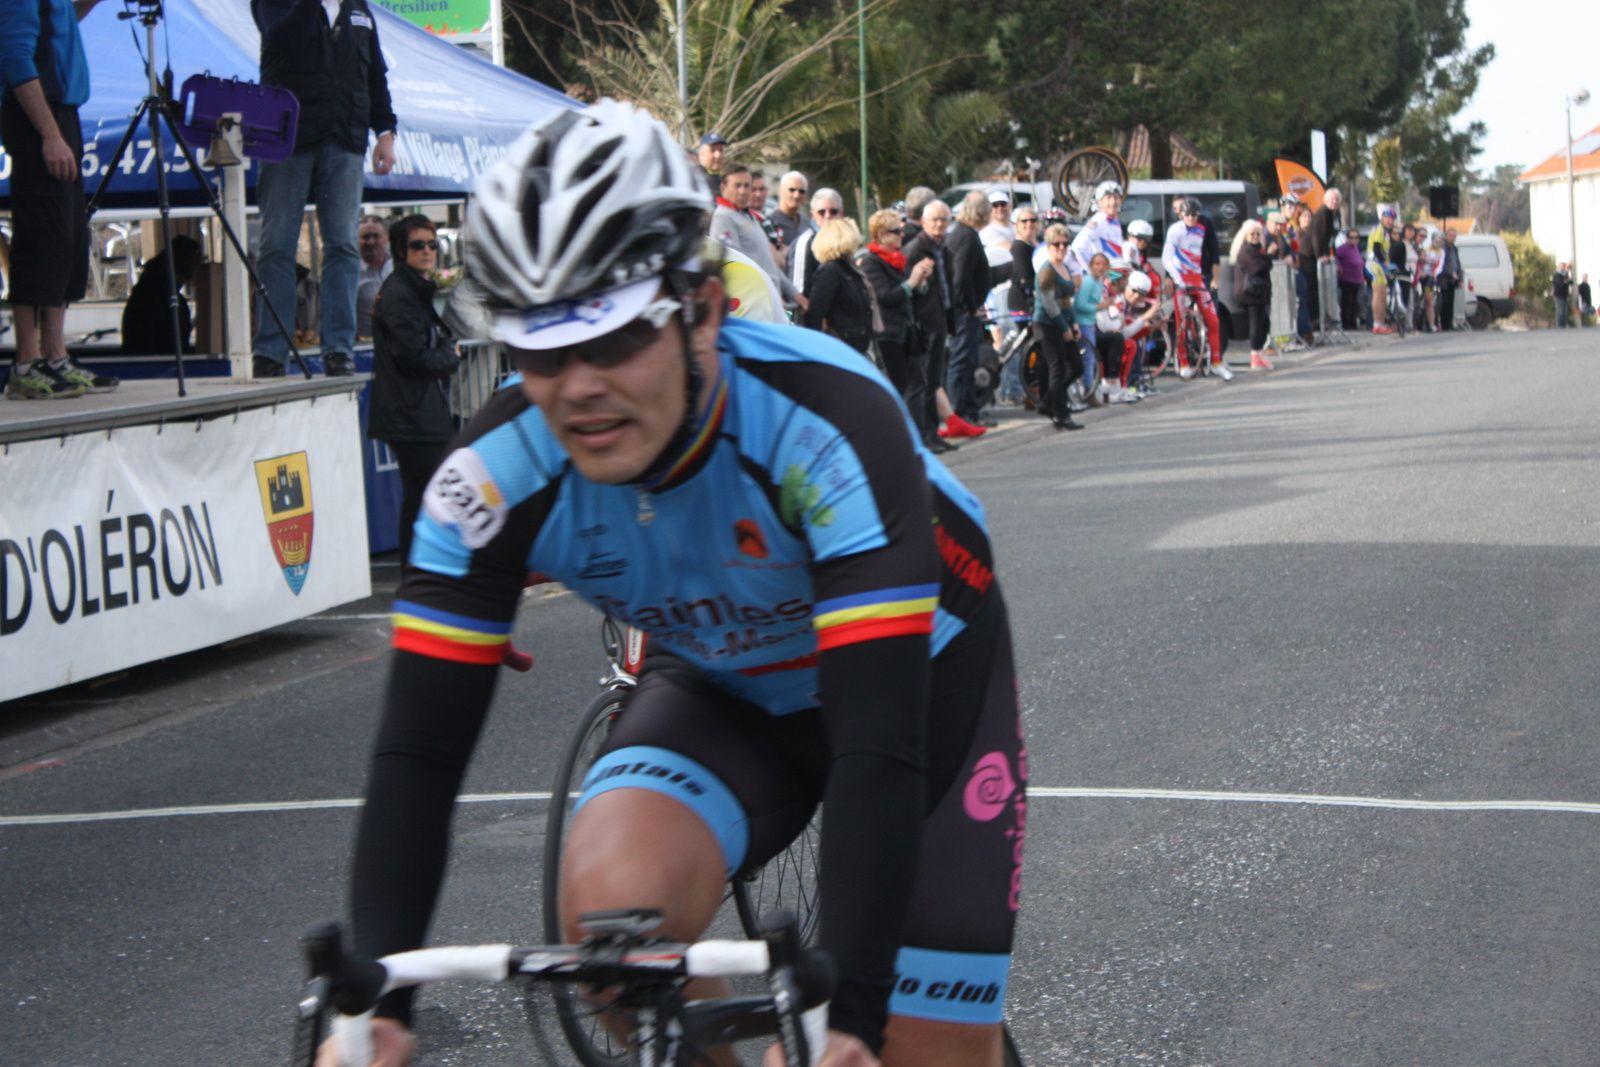 2e  place  pour  Harold  SALABERT(VC  Saintes), 3e Cyril  VIGIER(VC  Saintes) , 4e  Jérome PELAUD(VC Le Gua),